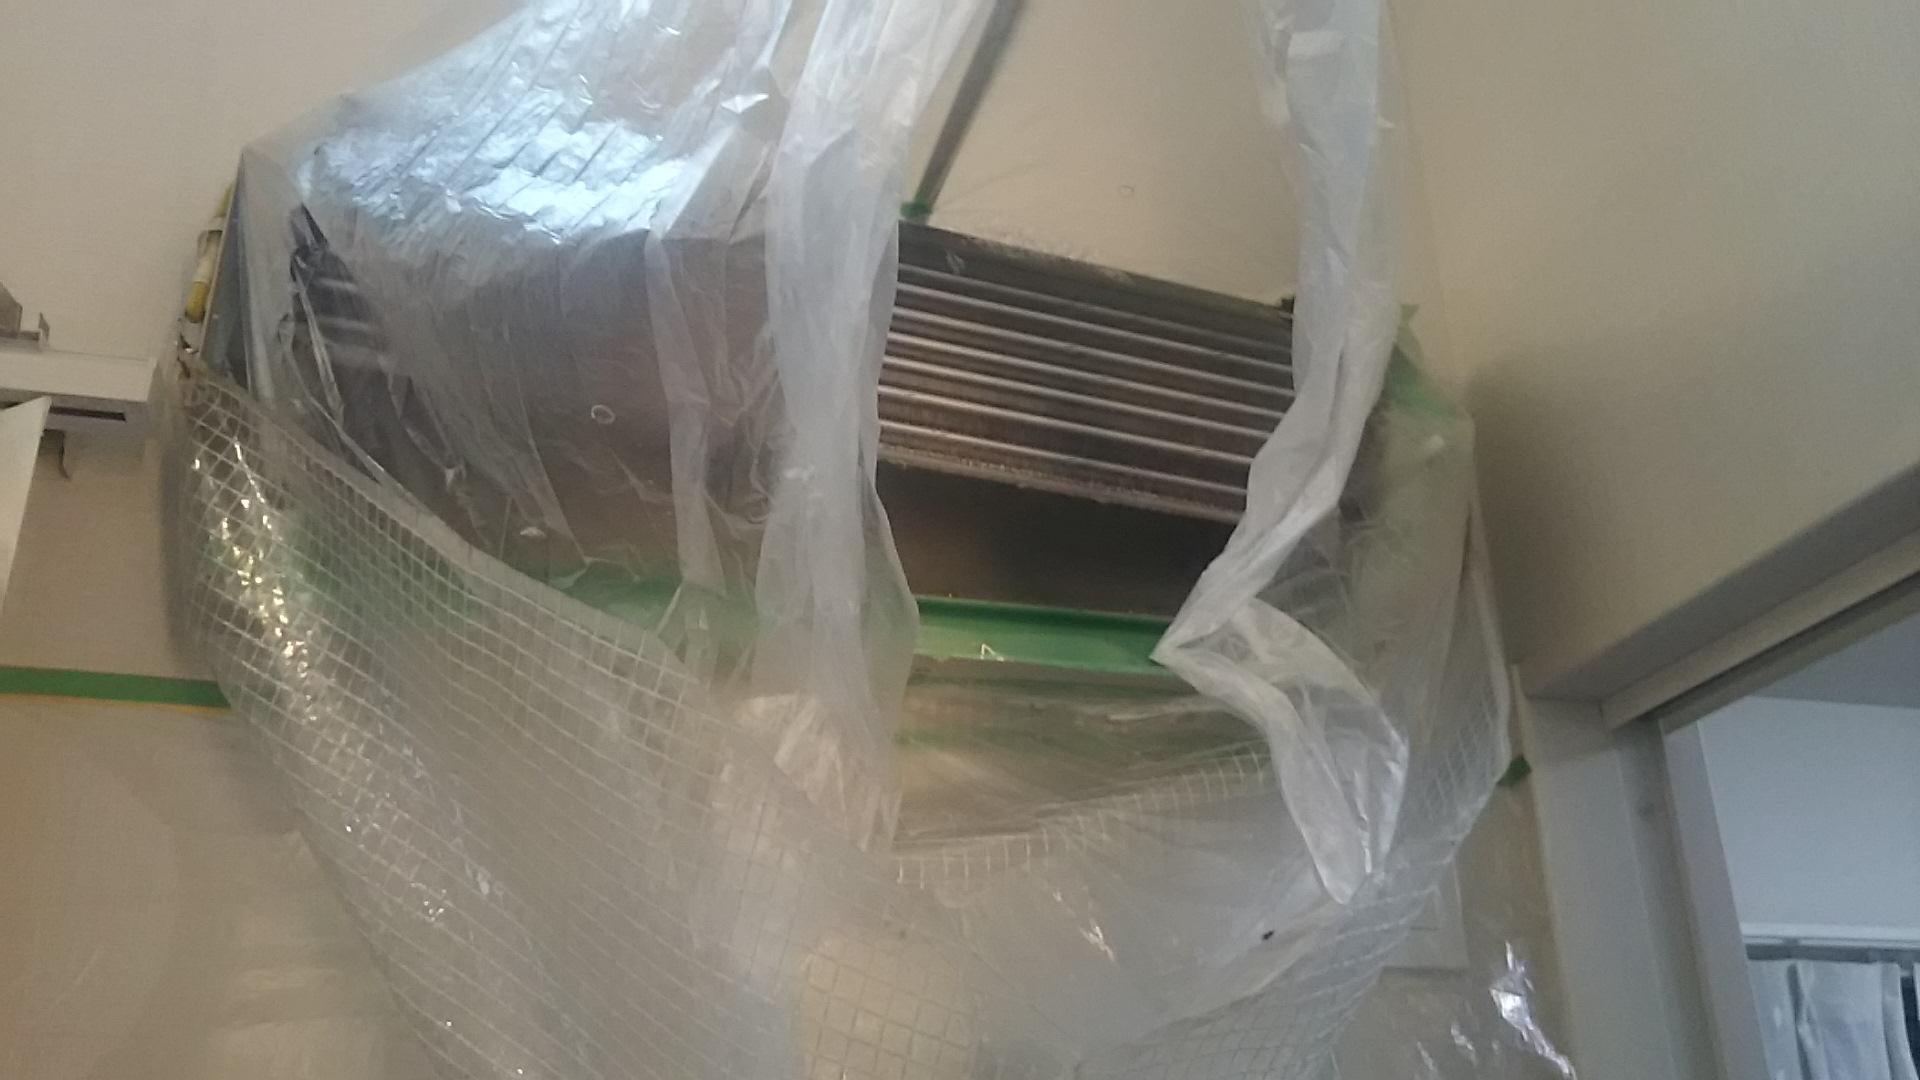 愛知県稲沢市でエアコン分解クリーニング